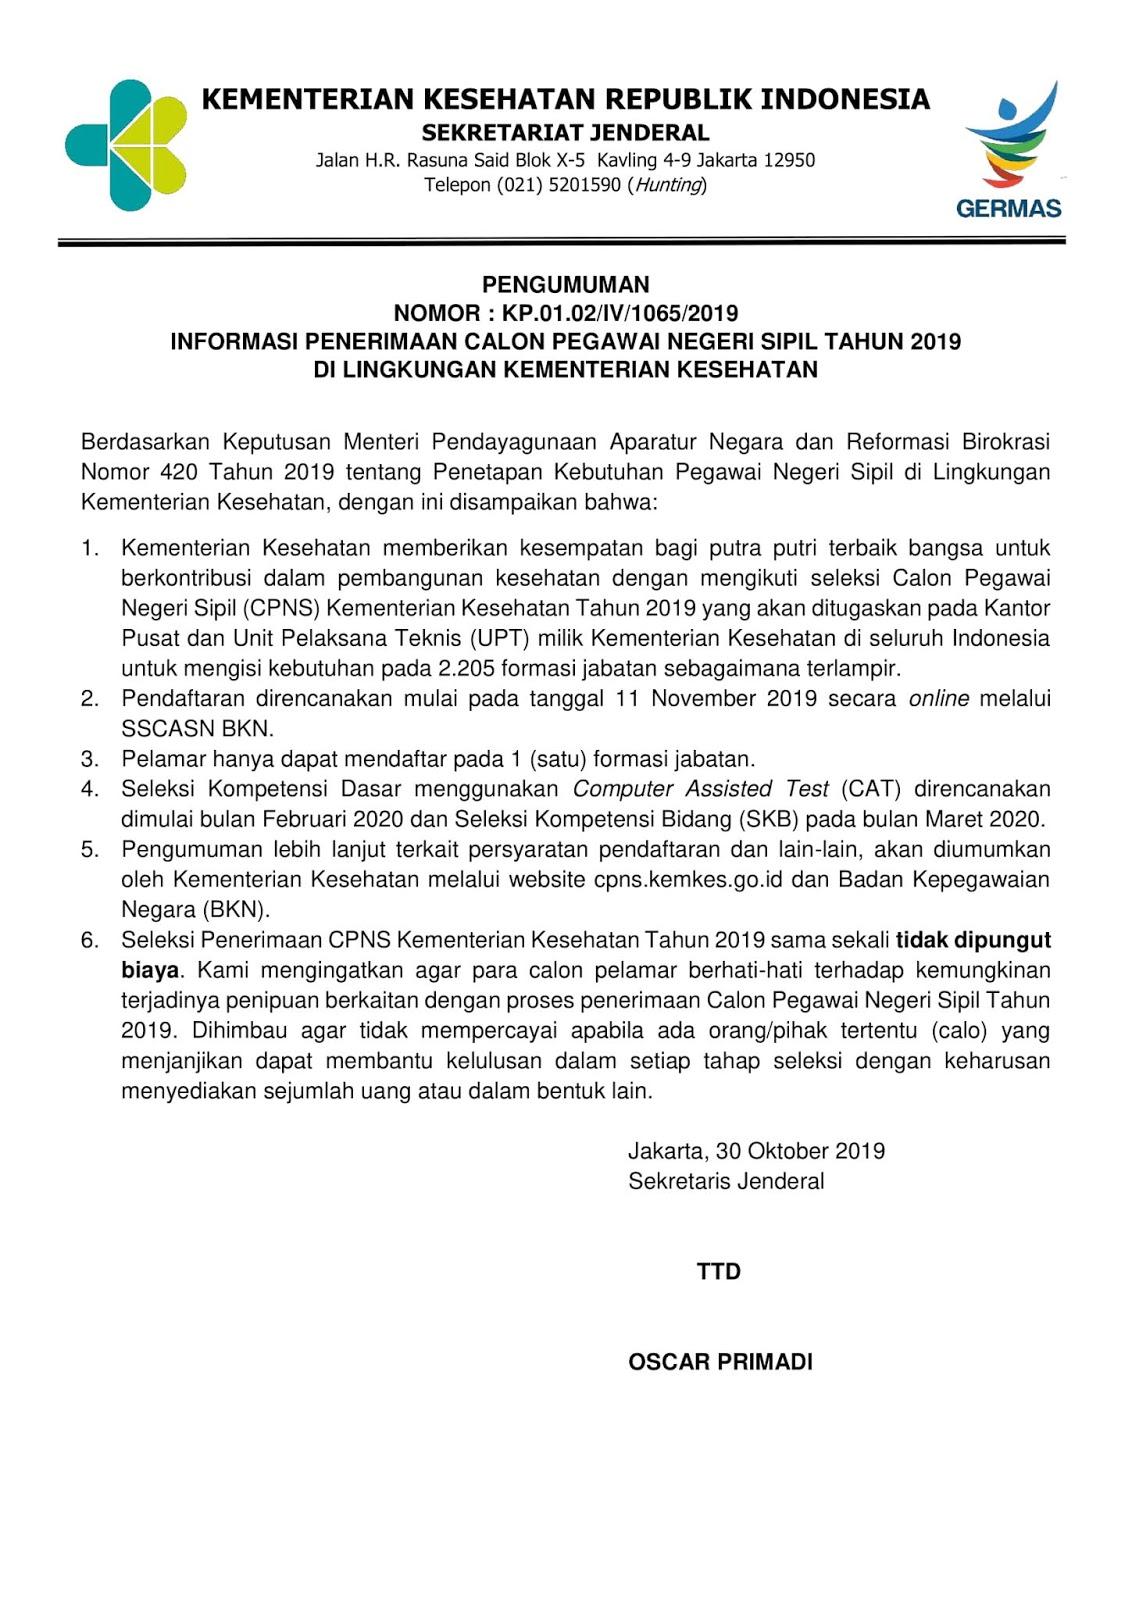 Penerimaan CPNS Kementerian Kesehatan Tahun 2019 [2.205 formasi]